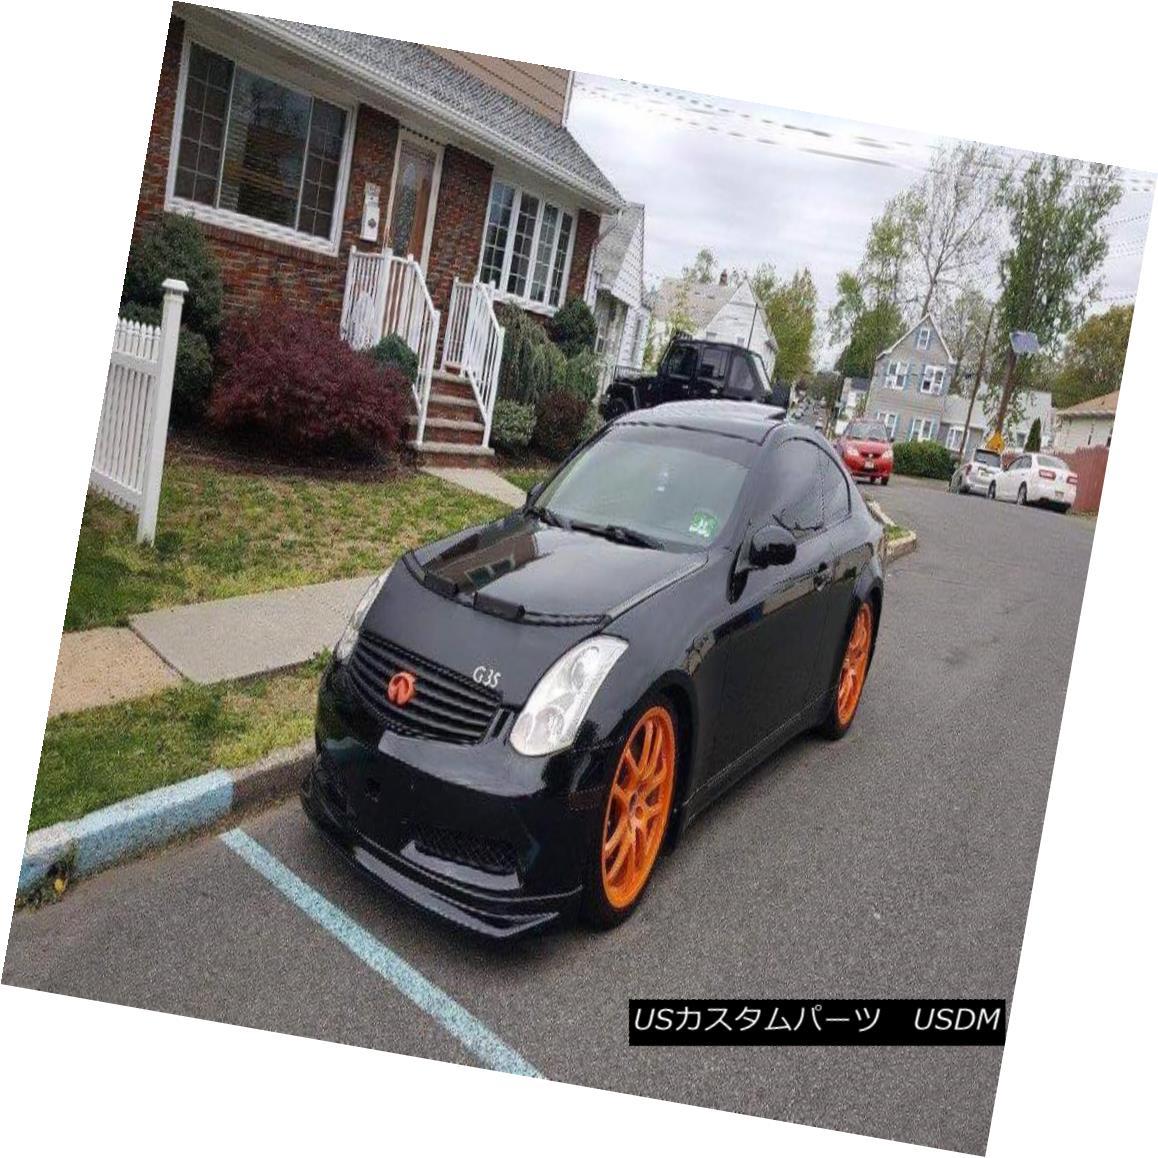 フルブラ ノーズブラ Car Bonnet Hood Bra + G35 LOGO Fits INFINITI G35 COUPE 2003 2004 2005 2006 2007 カーボンネットフードブラジャー+ G35ロゴフィットINFINITI G35 COUPE 2003 2004 2005 2006 2007